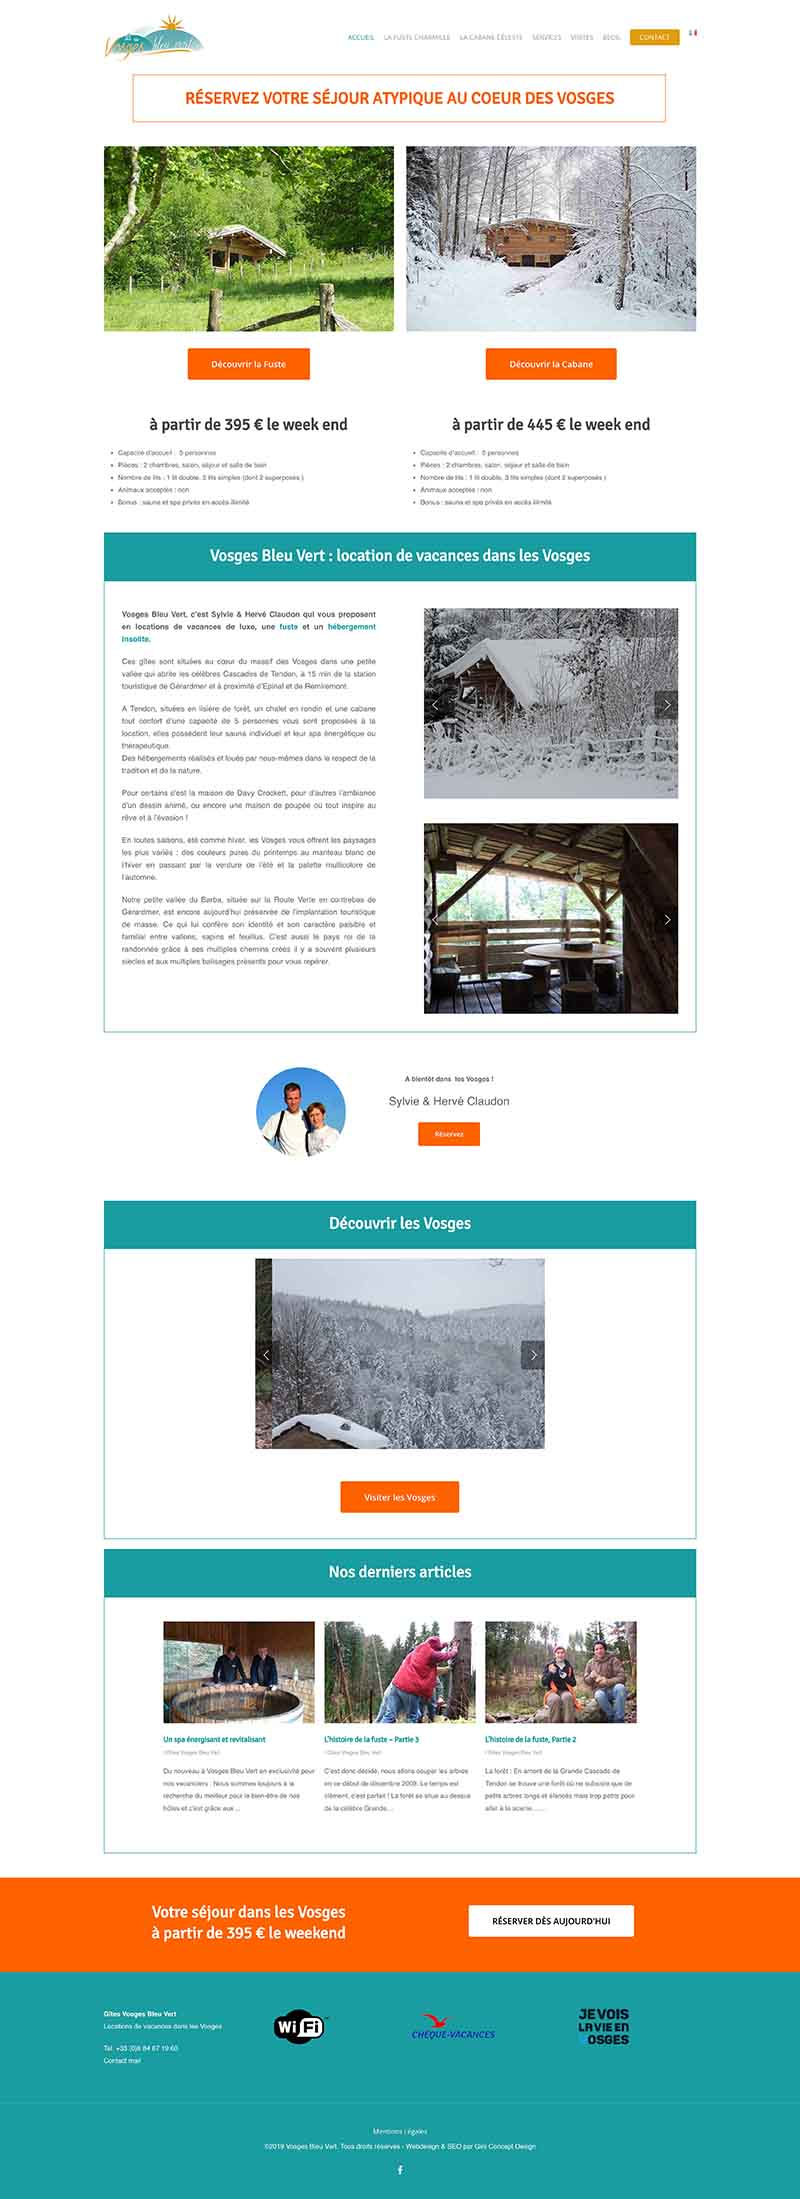 Gites-Vosges-Bleu-Vert-screenshot-FR